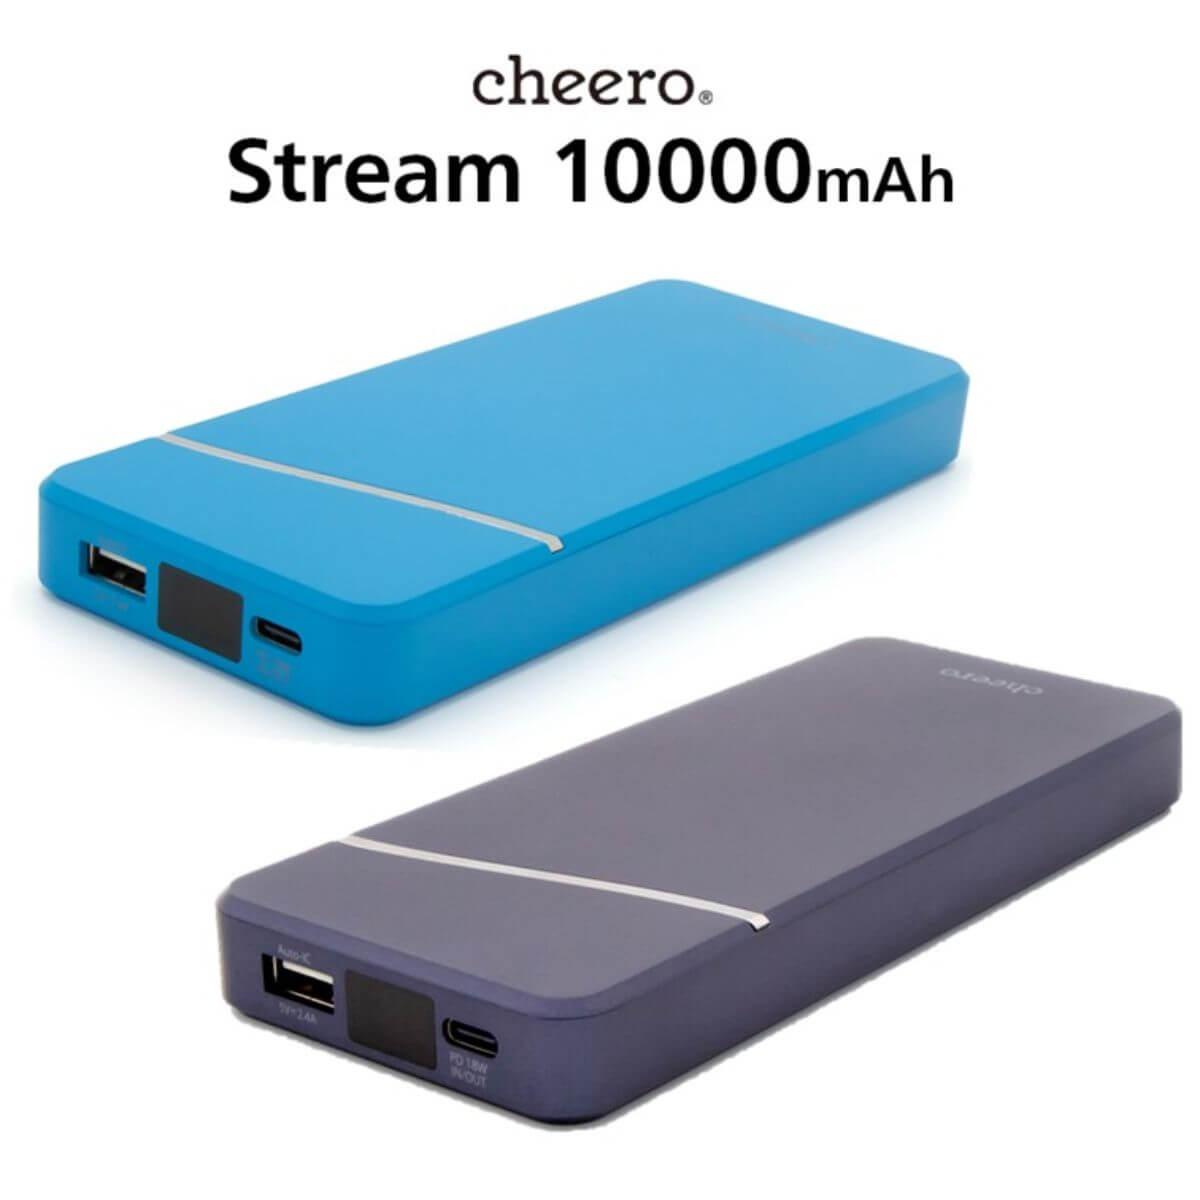 海外旅行 モバイルバッテリー cheero Stream 10000mAh CHE-103